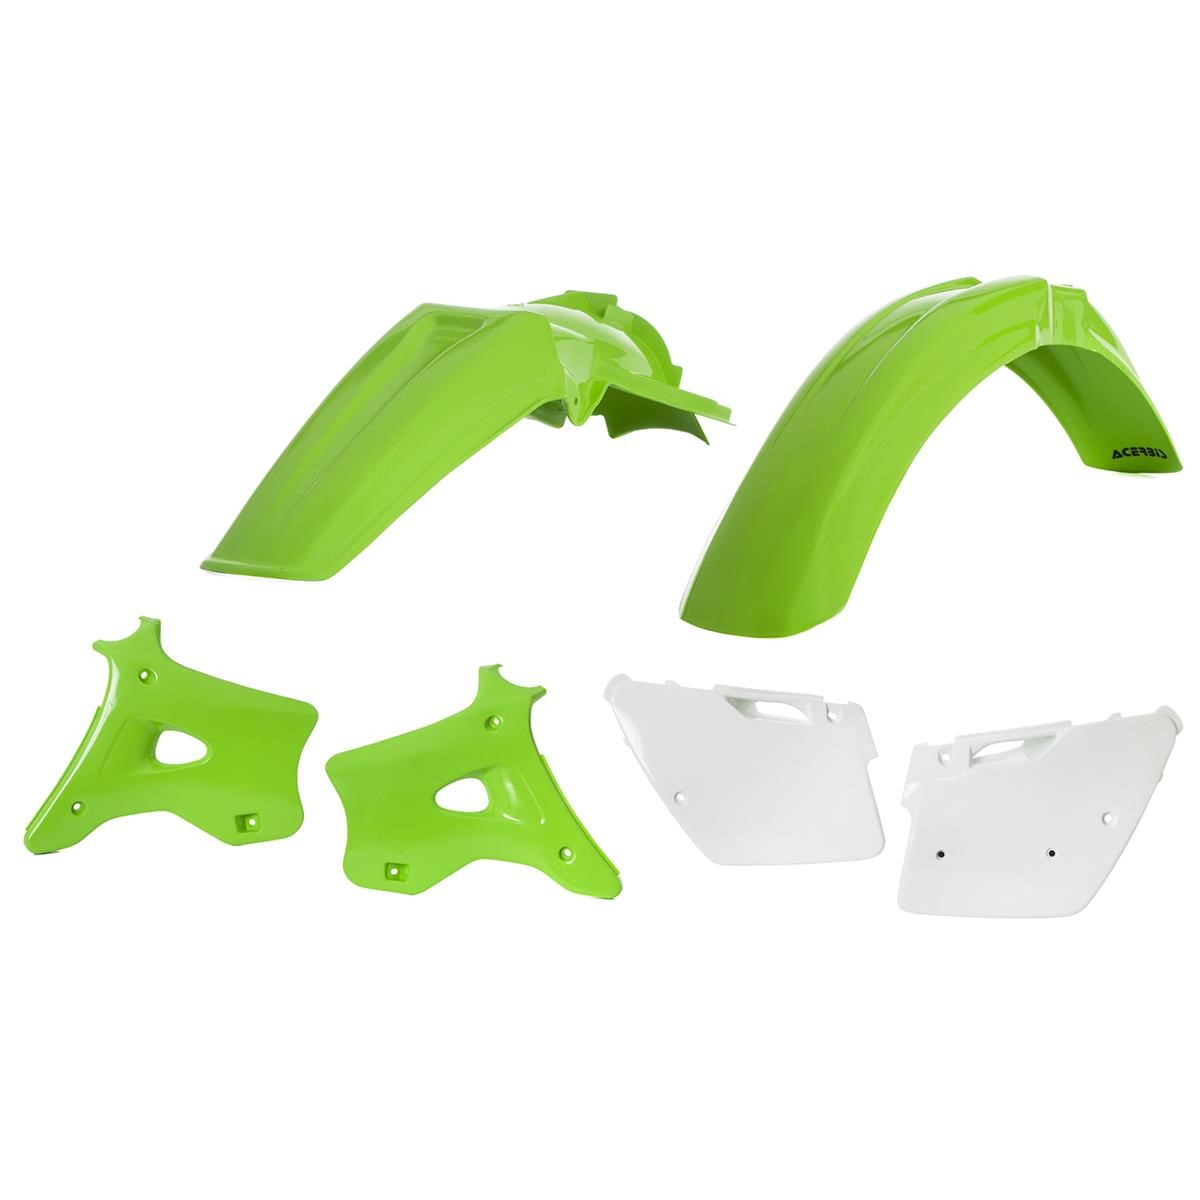 Acerbis Plastic Kit Kawasaki KX 125/250 94-98, Replica 95